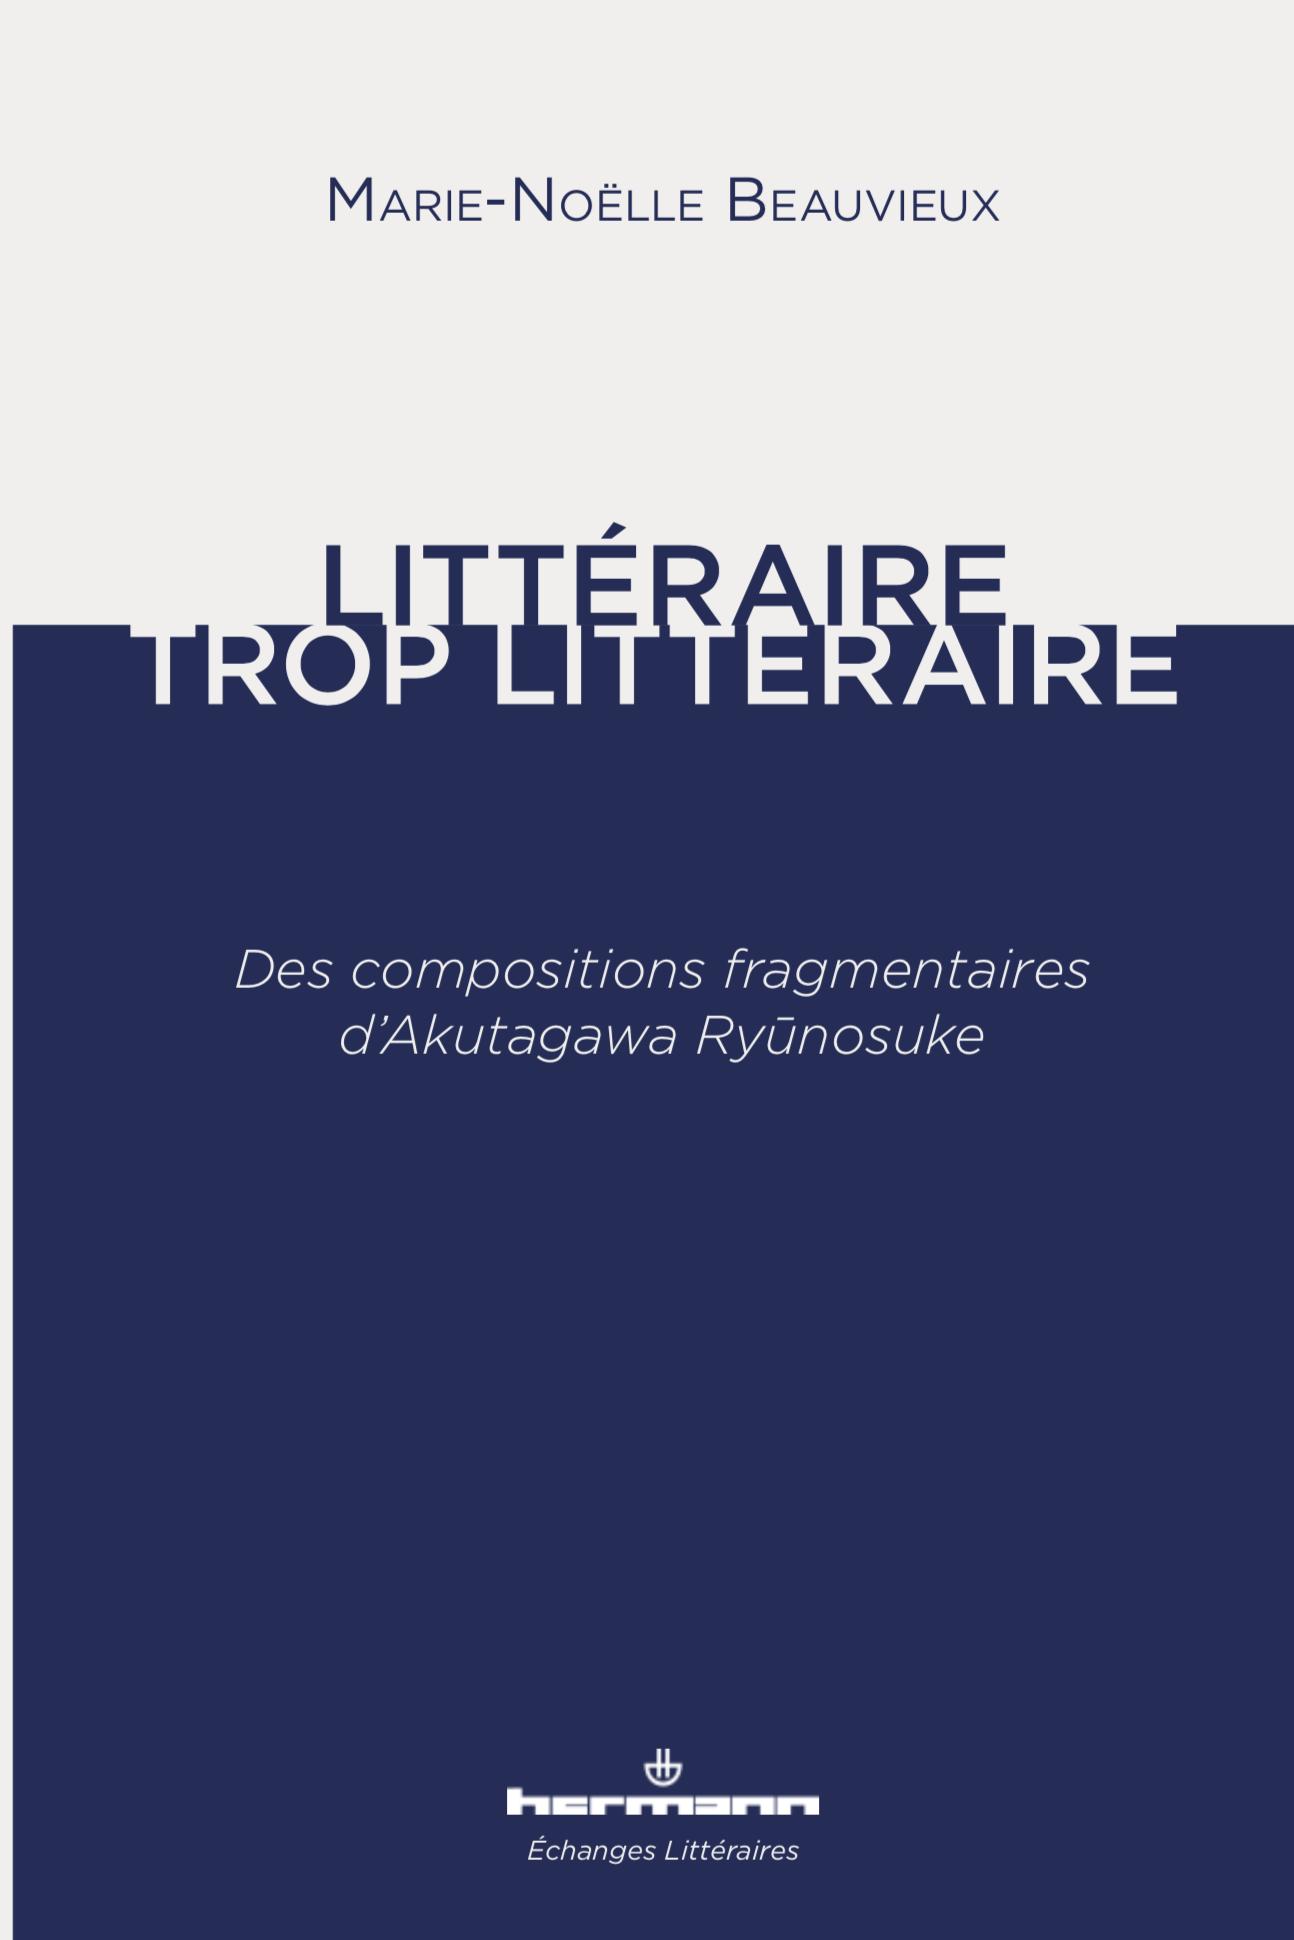 M.-N. Beauvieux, Littéraire, trop littéraire, des compositions fragmentaires d'Akutagawa Ryūnosuke